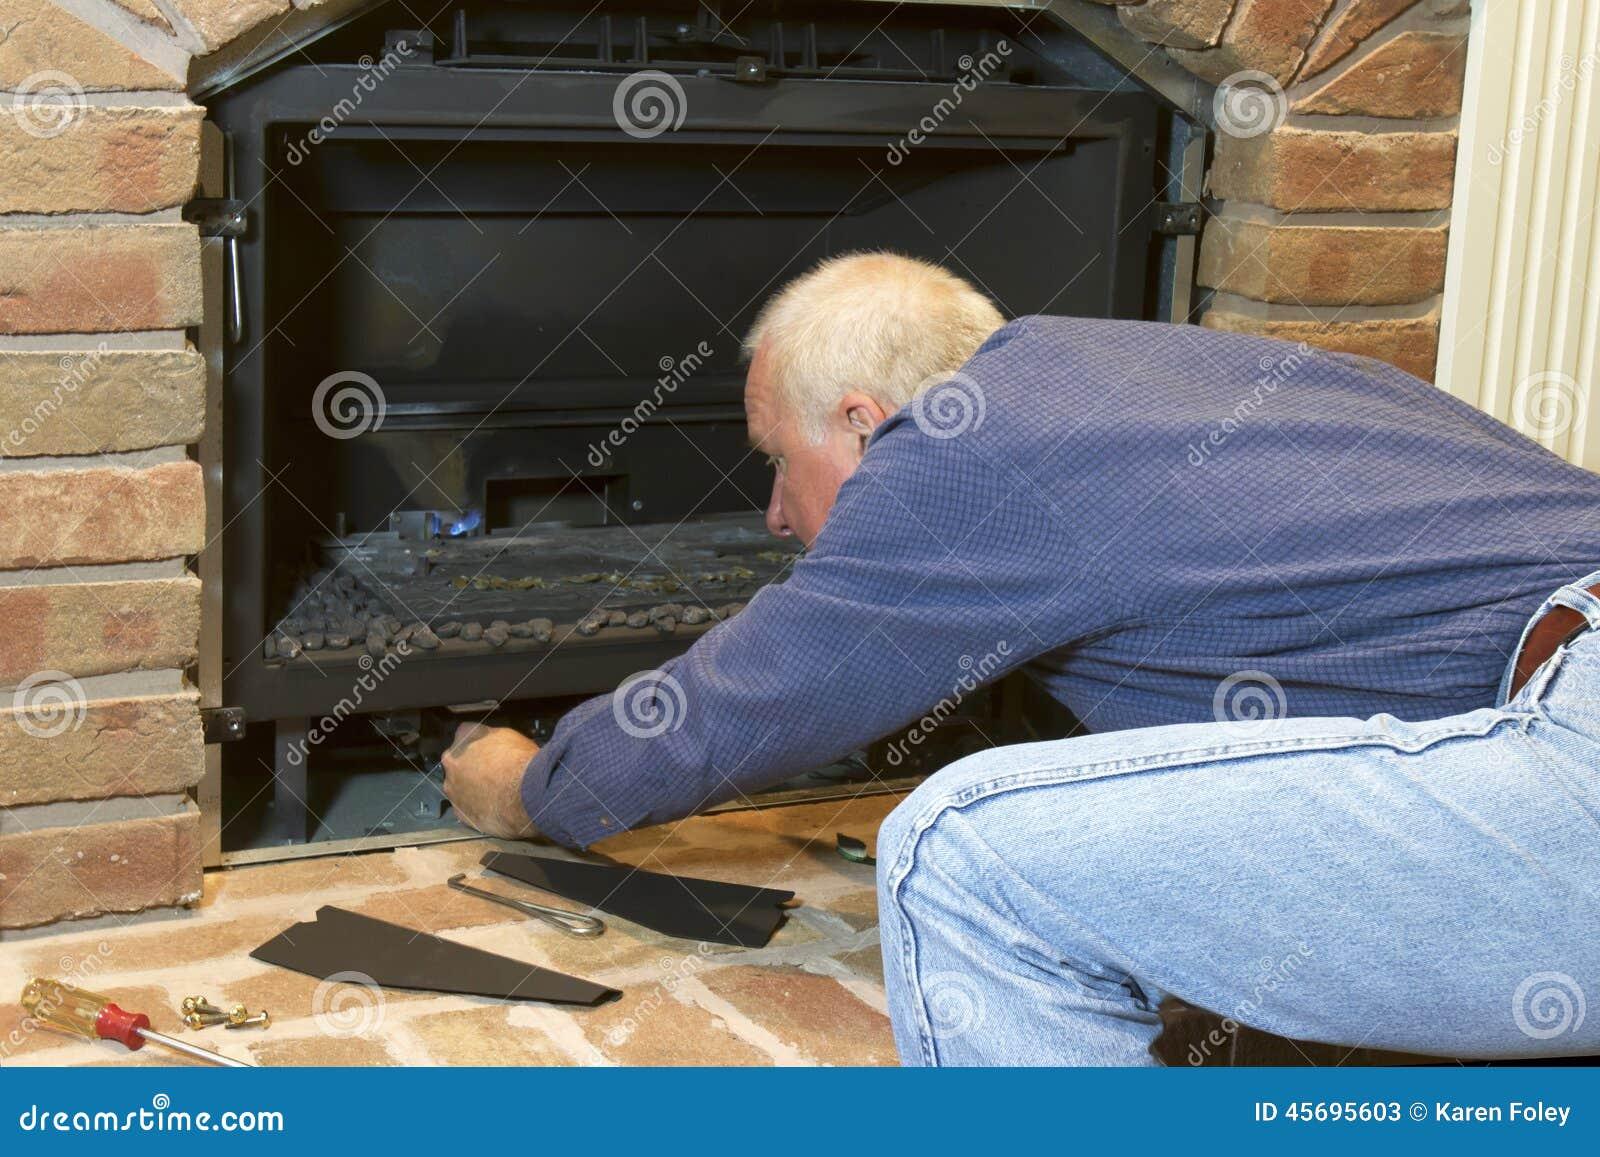 Seasonal Maintenance Gas Fireplace Stock Image